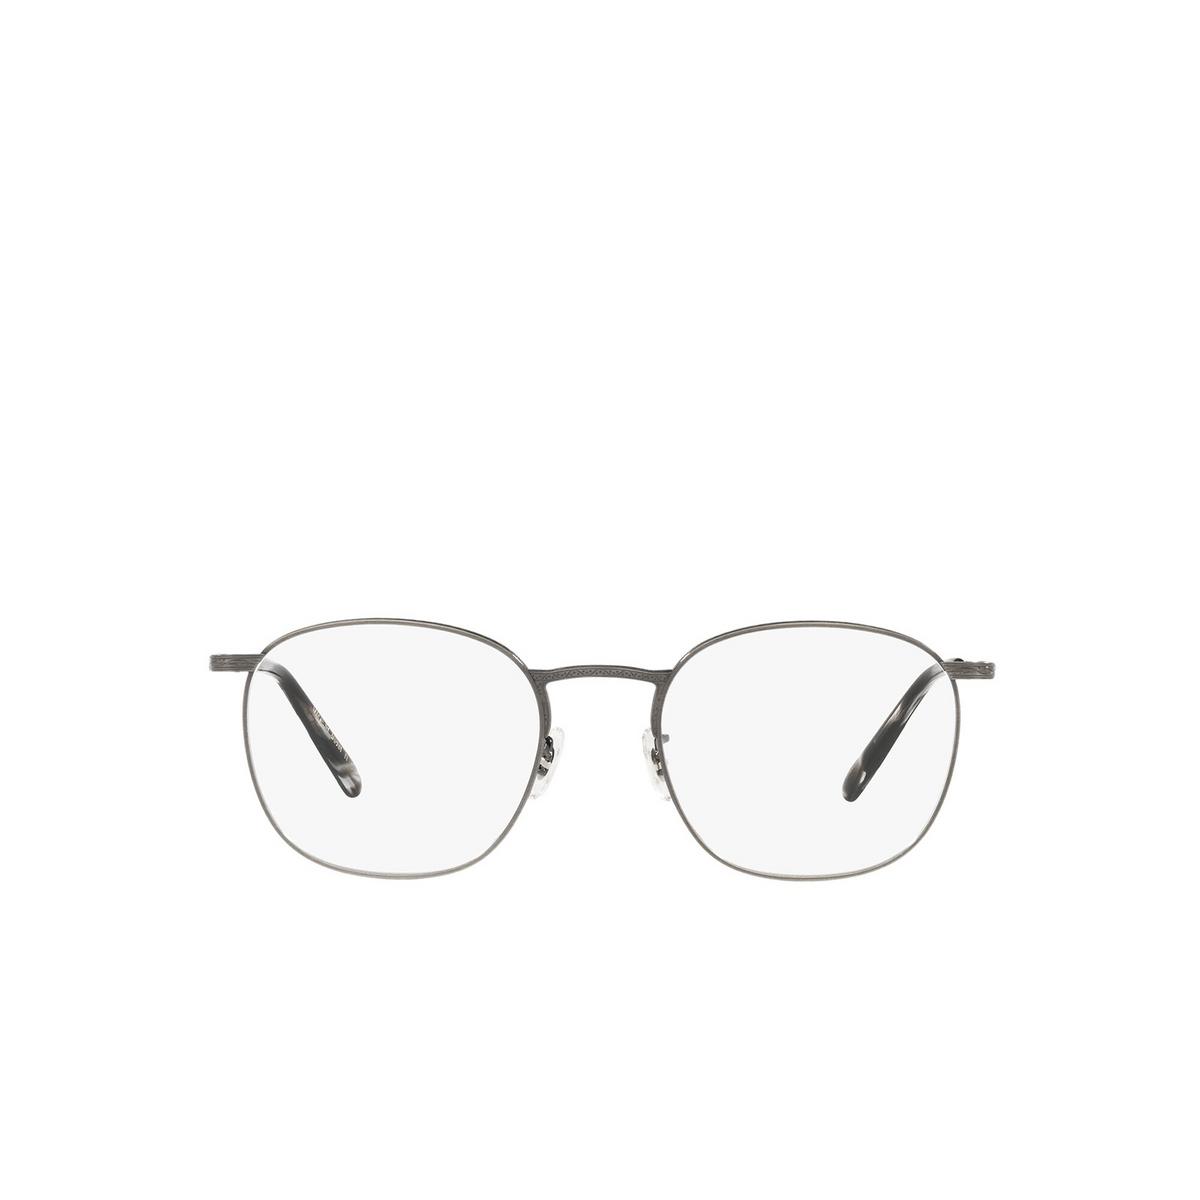 Oliver Peoples® Square Eyeglasses: Goldsen OV1285T color Antique Pewter 5289 - front view.